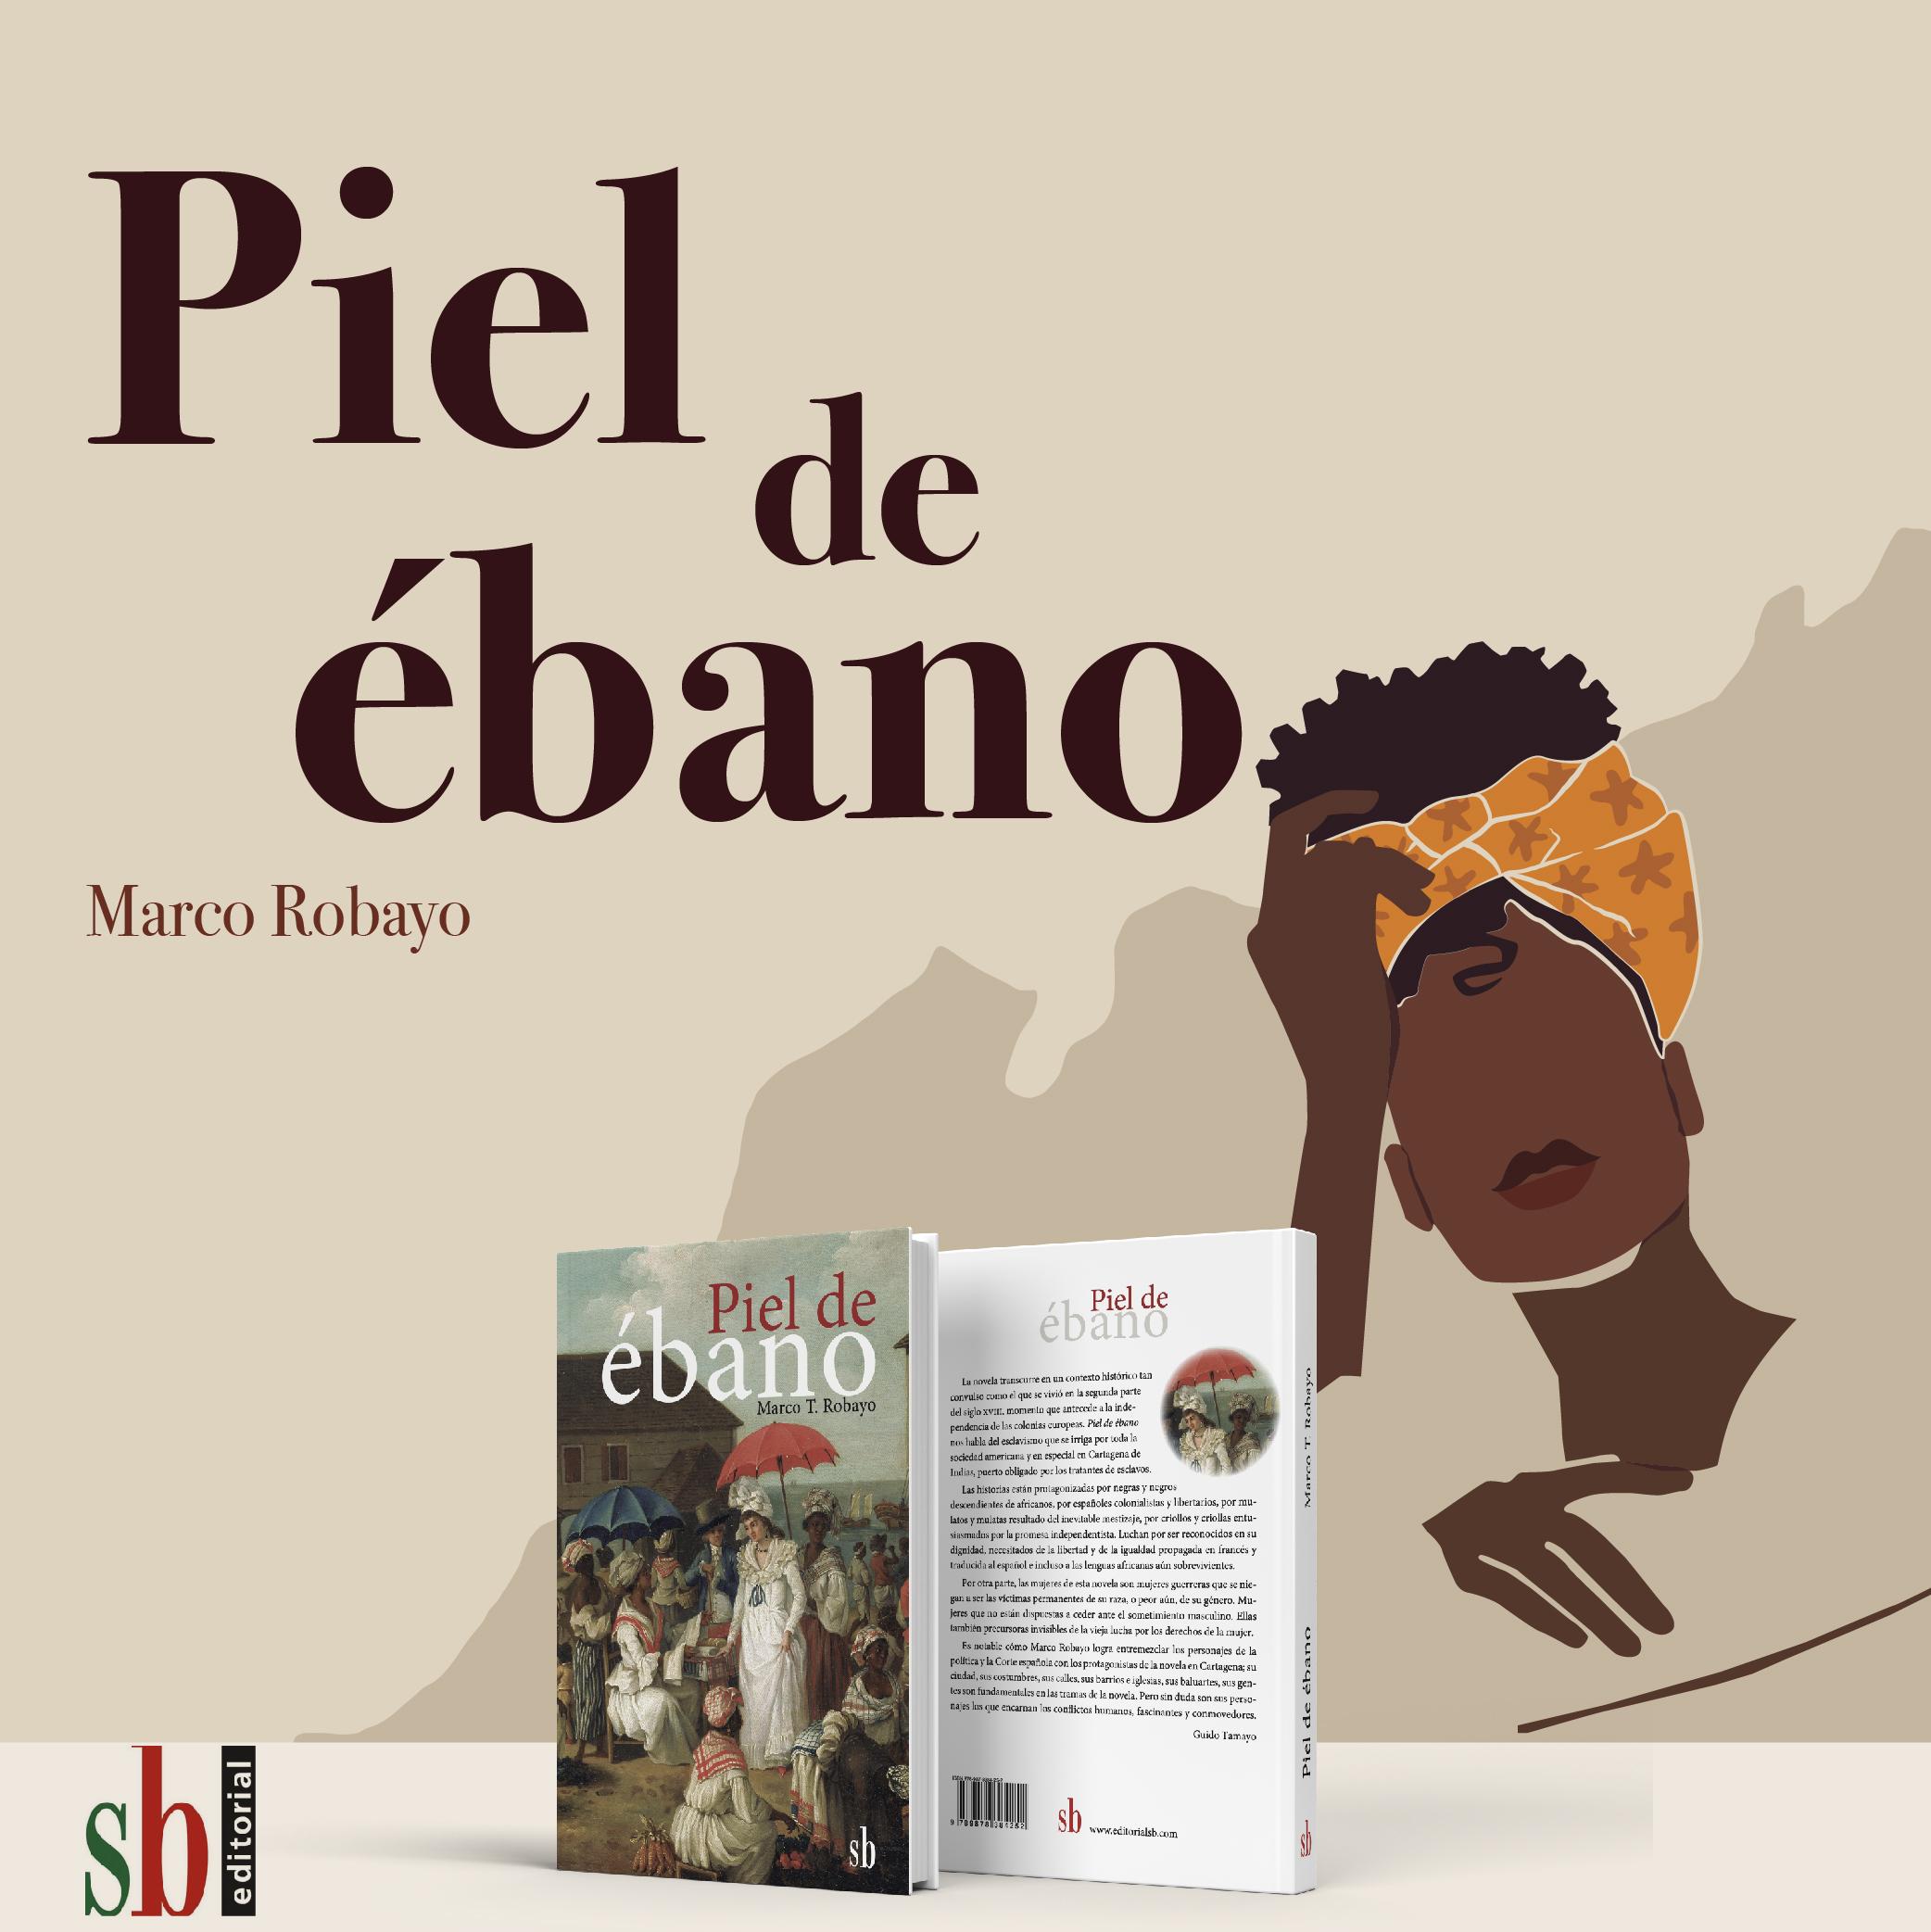 Piel de ébano en Chile, Argentina y Ecuador